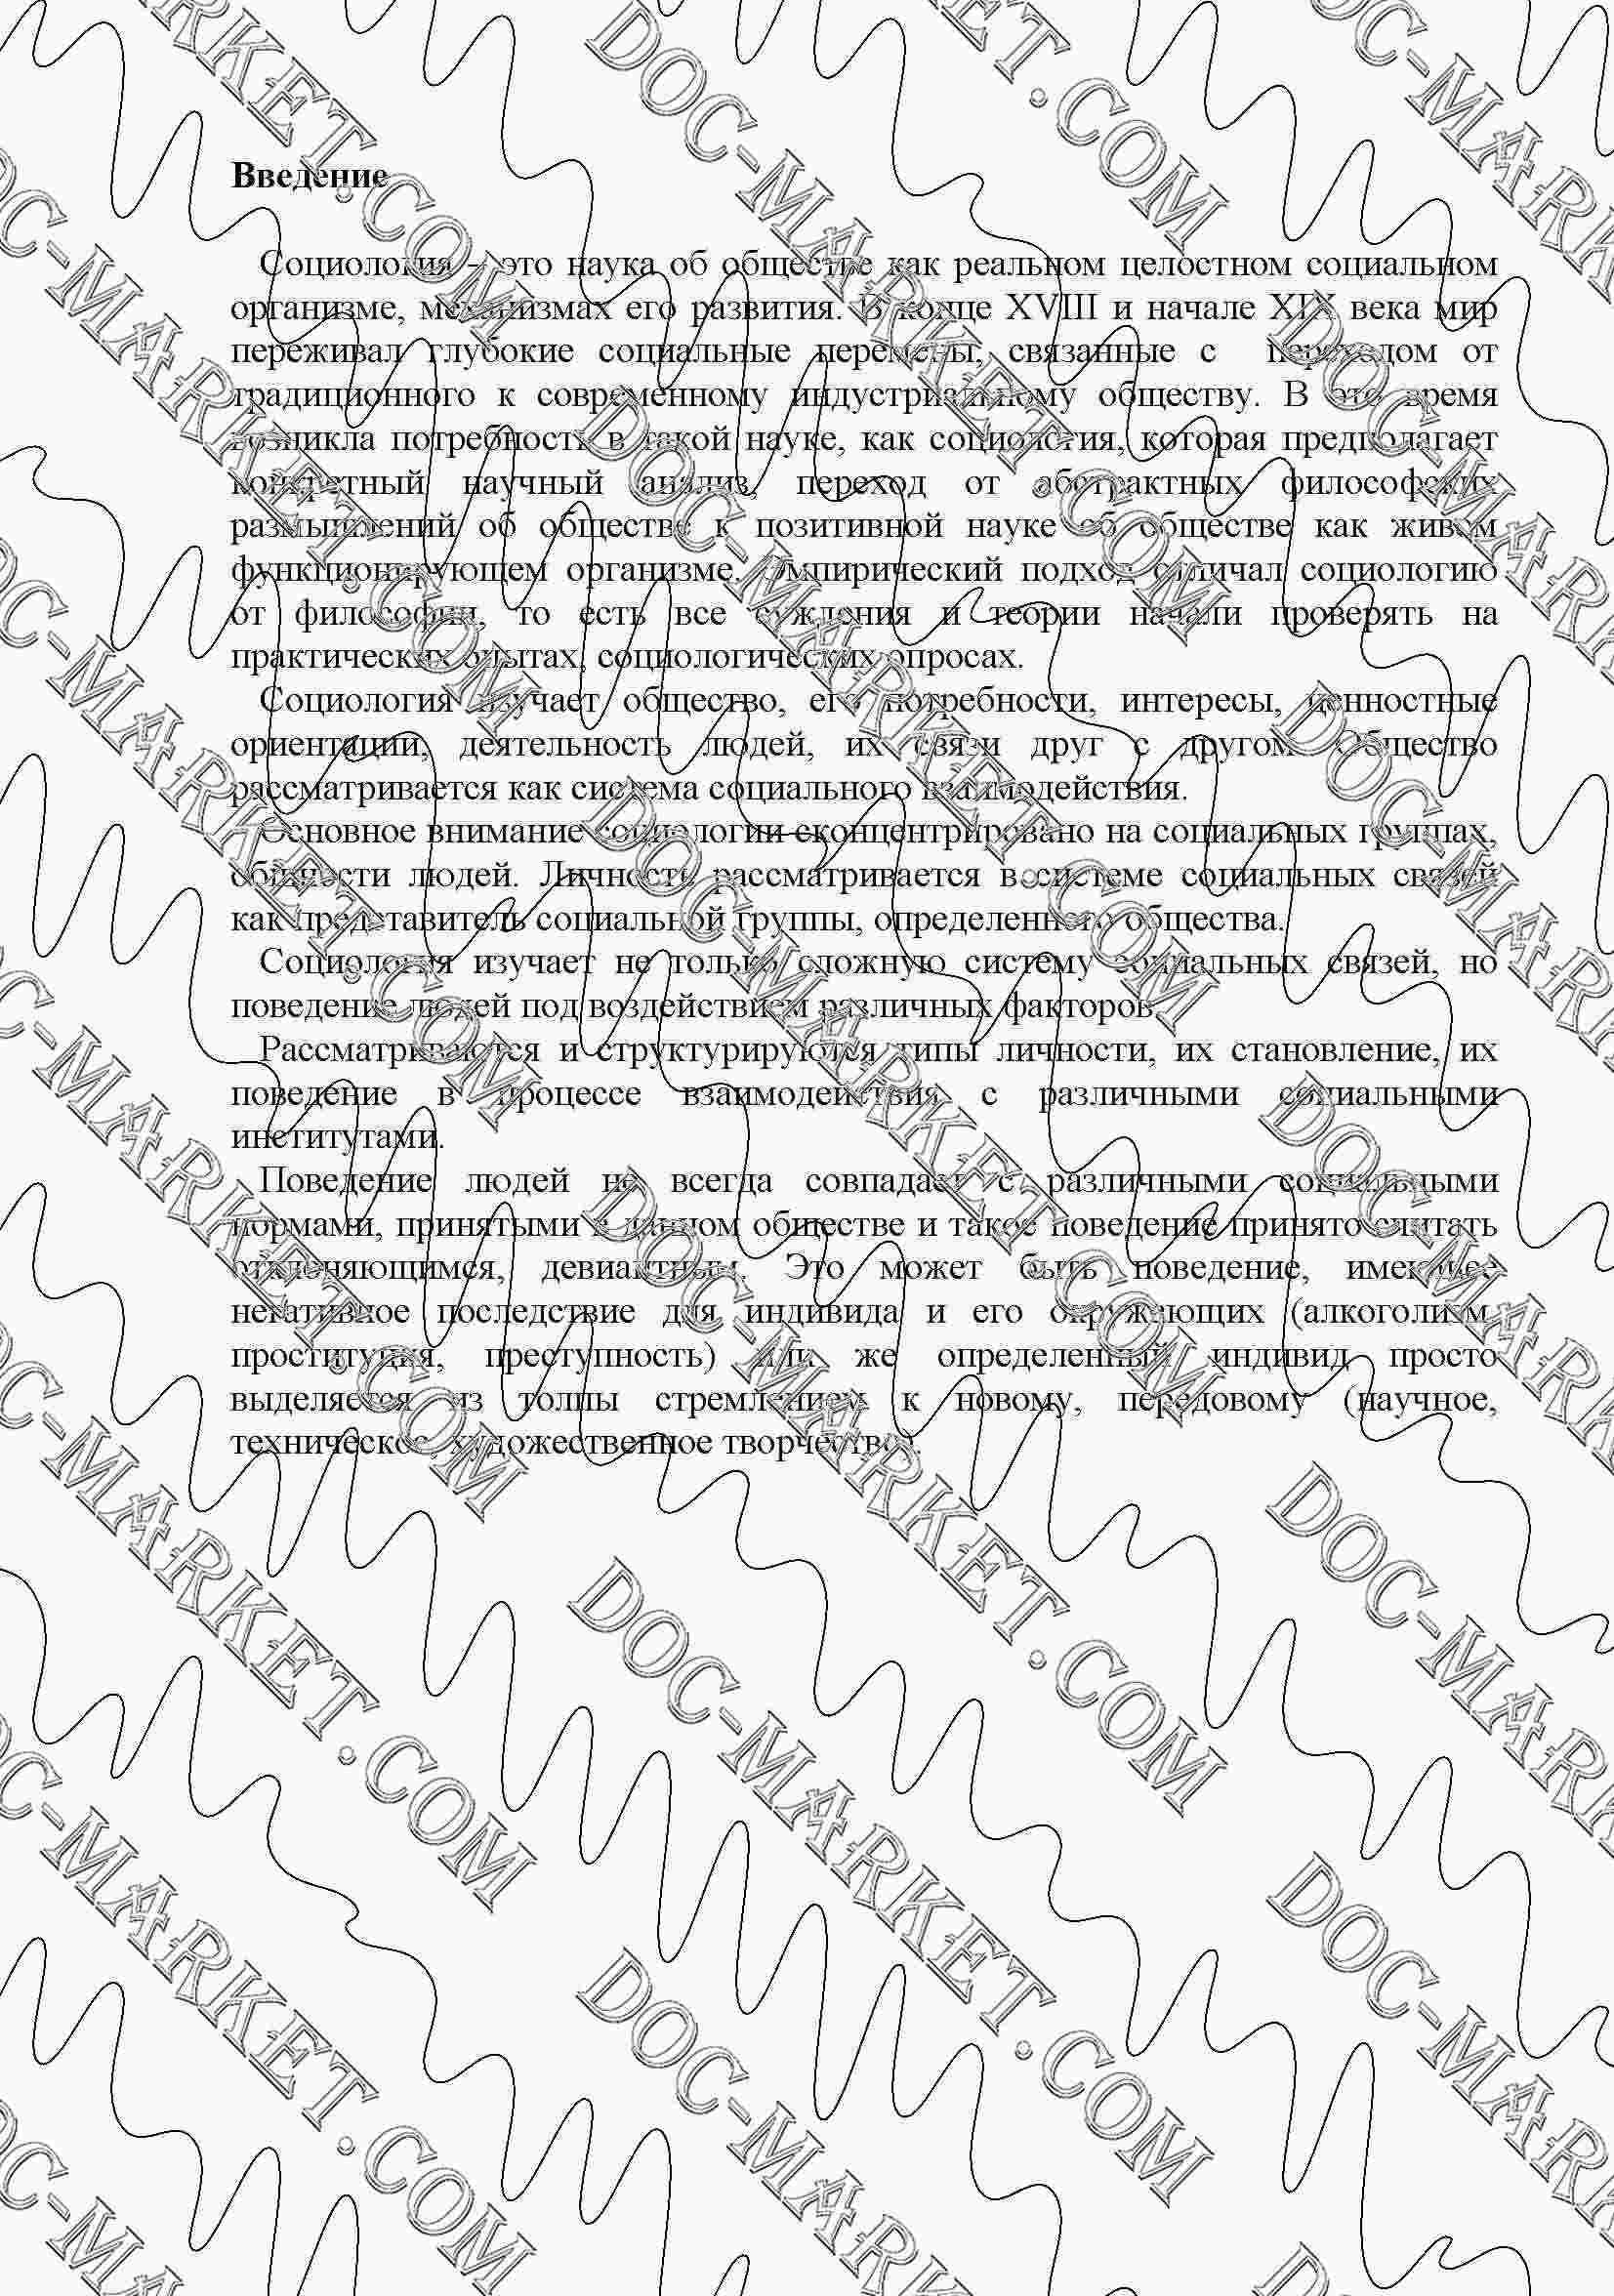 Реферат Реферат по социологии Личность посмотреть работу по  понятие структура и типология личности реферат